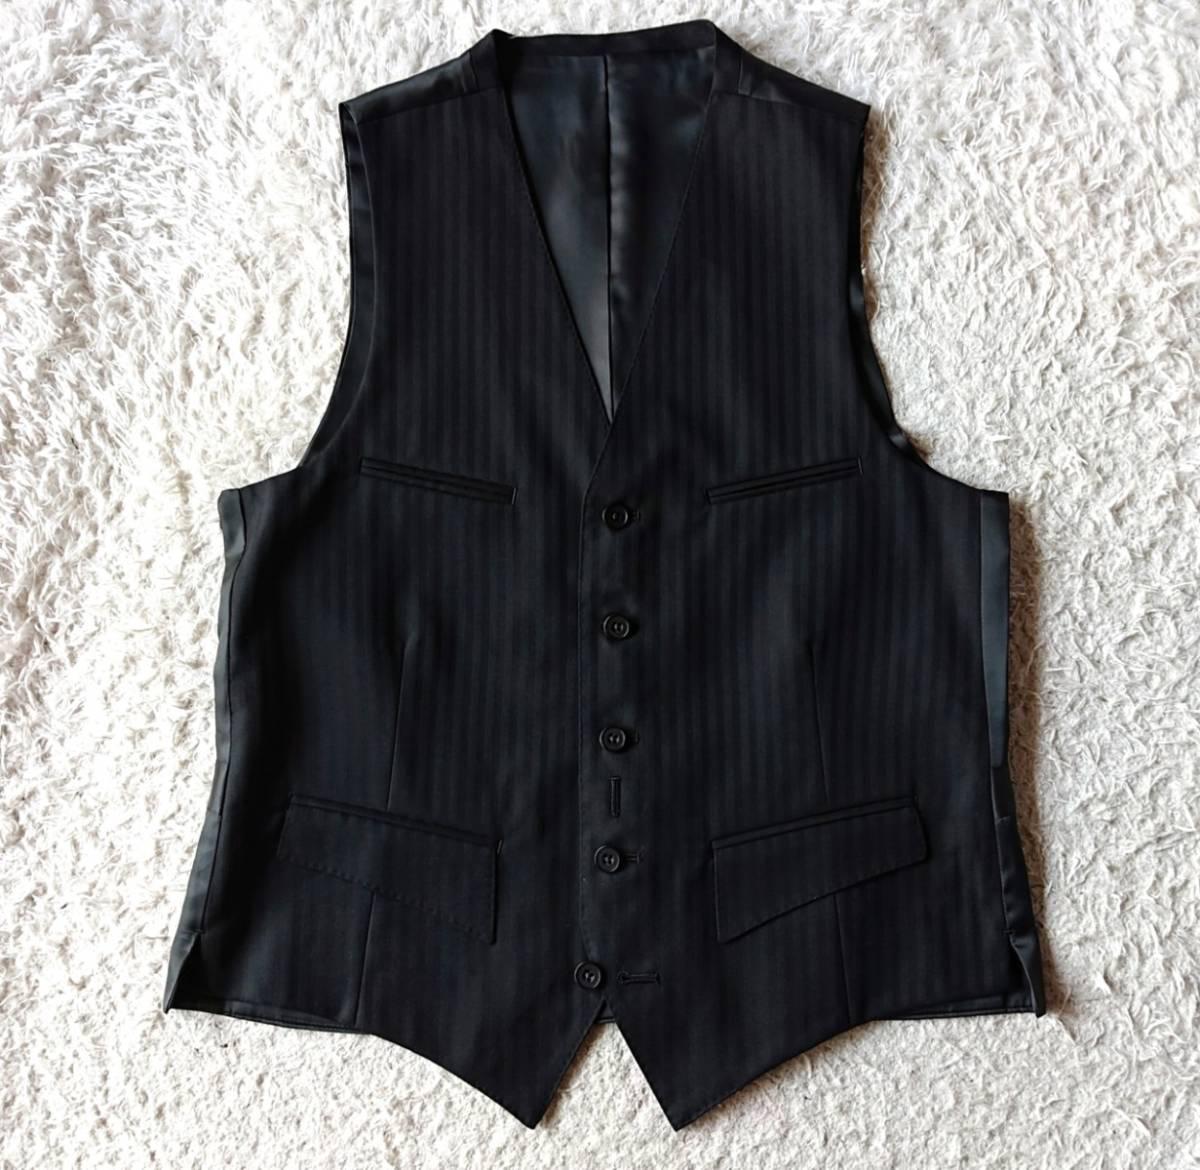 激レア希少 大人気赤 BURBERRY BLACK LABEL ★ シルク混 スリーピース バーバリー ブラック レーベル スーツ セットアップ メンズ ブラック_画像6